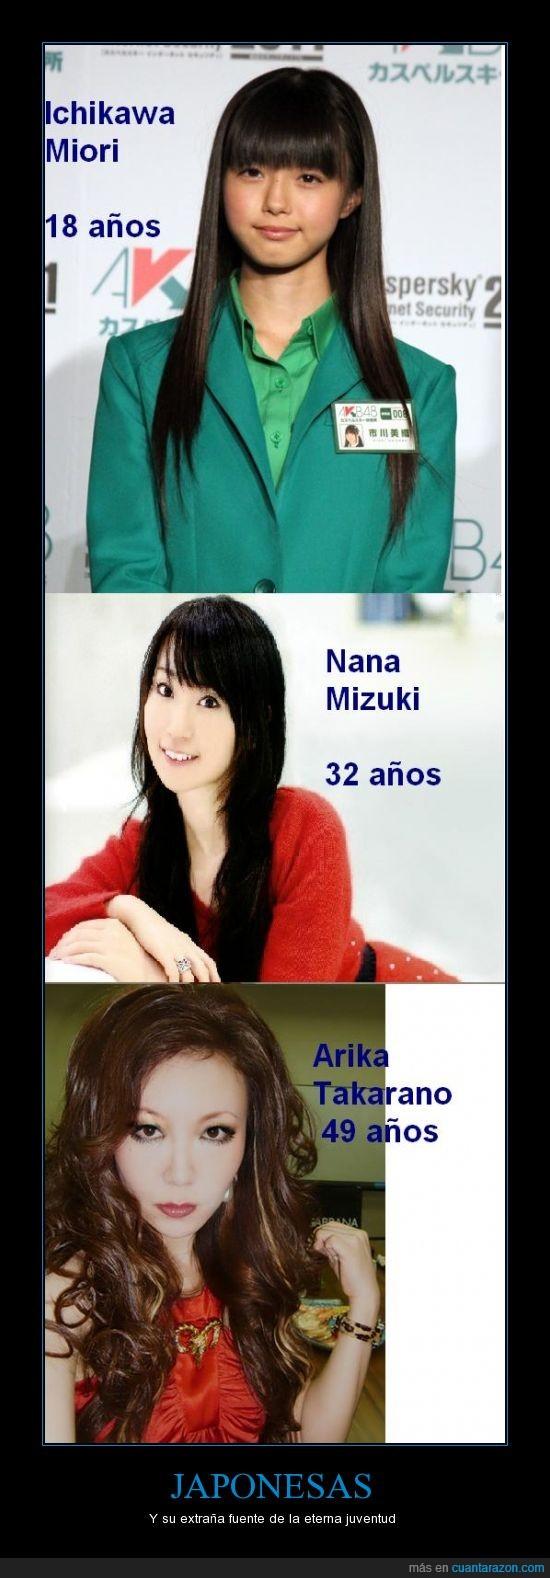 edad,fuente,japon,japonesas,jovenes,juventud,mujeres